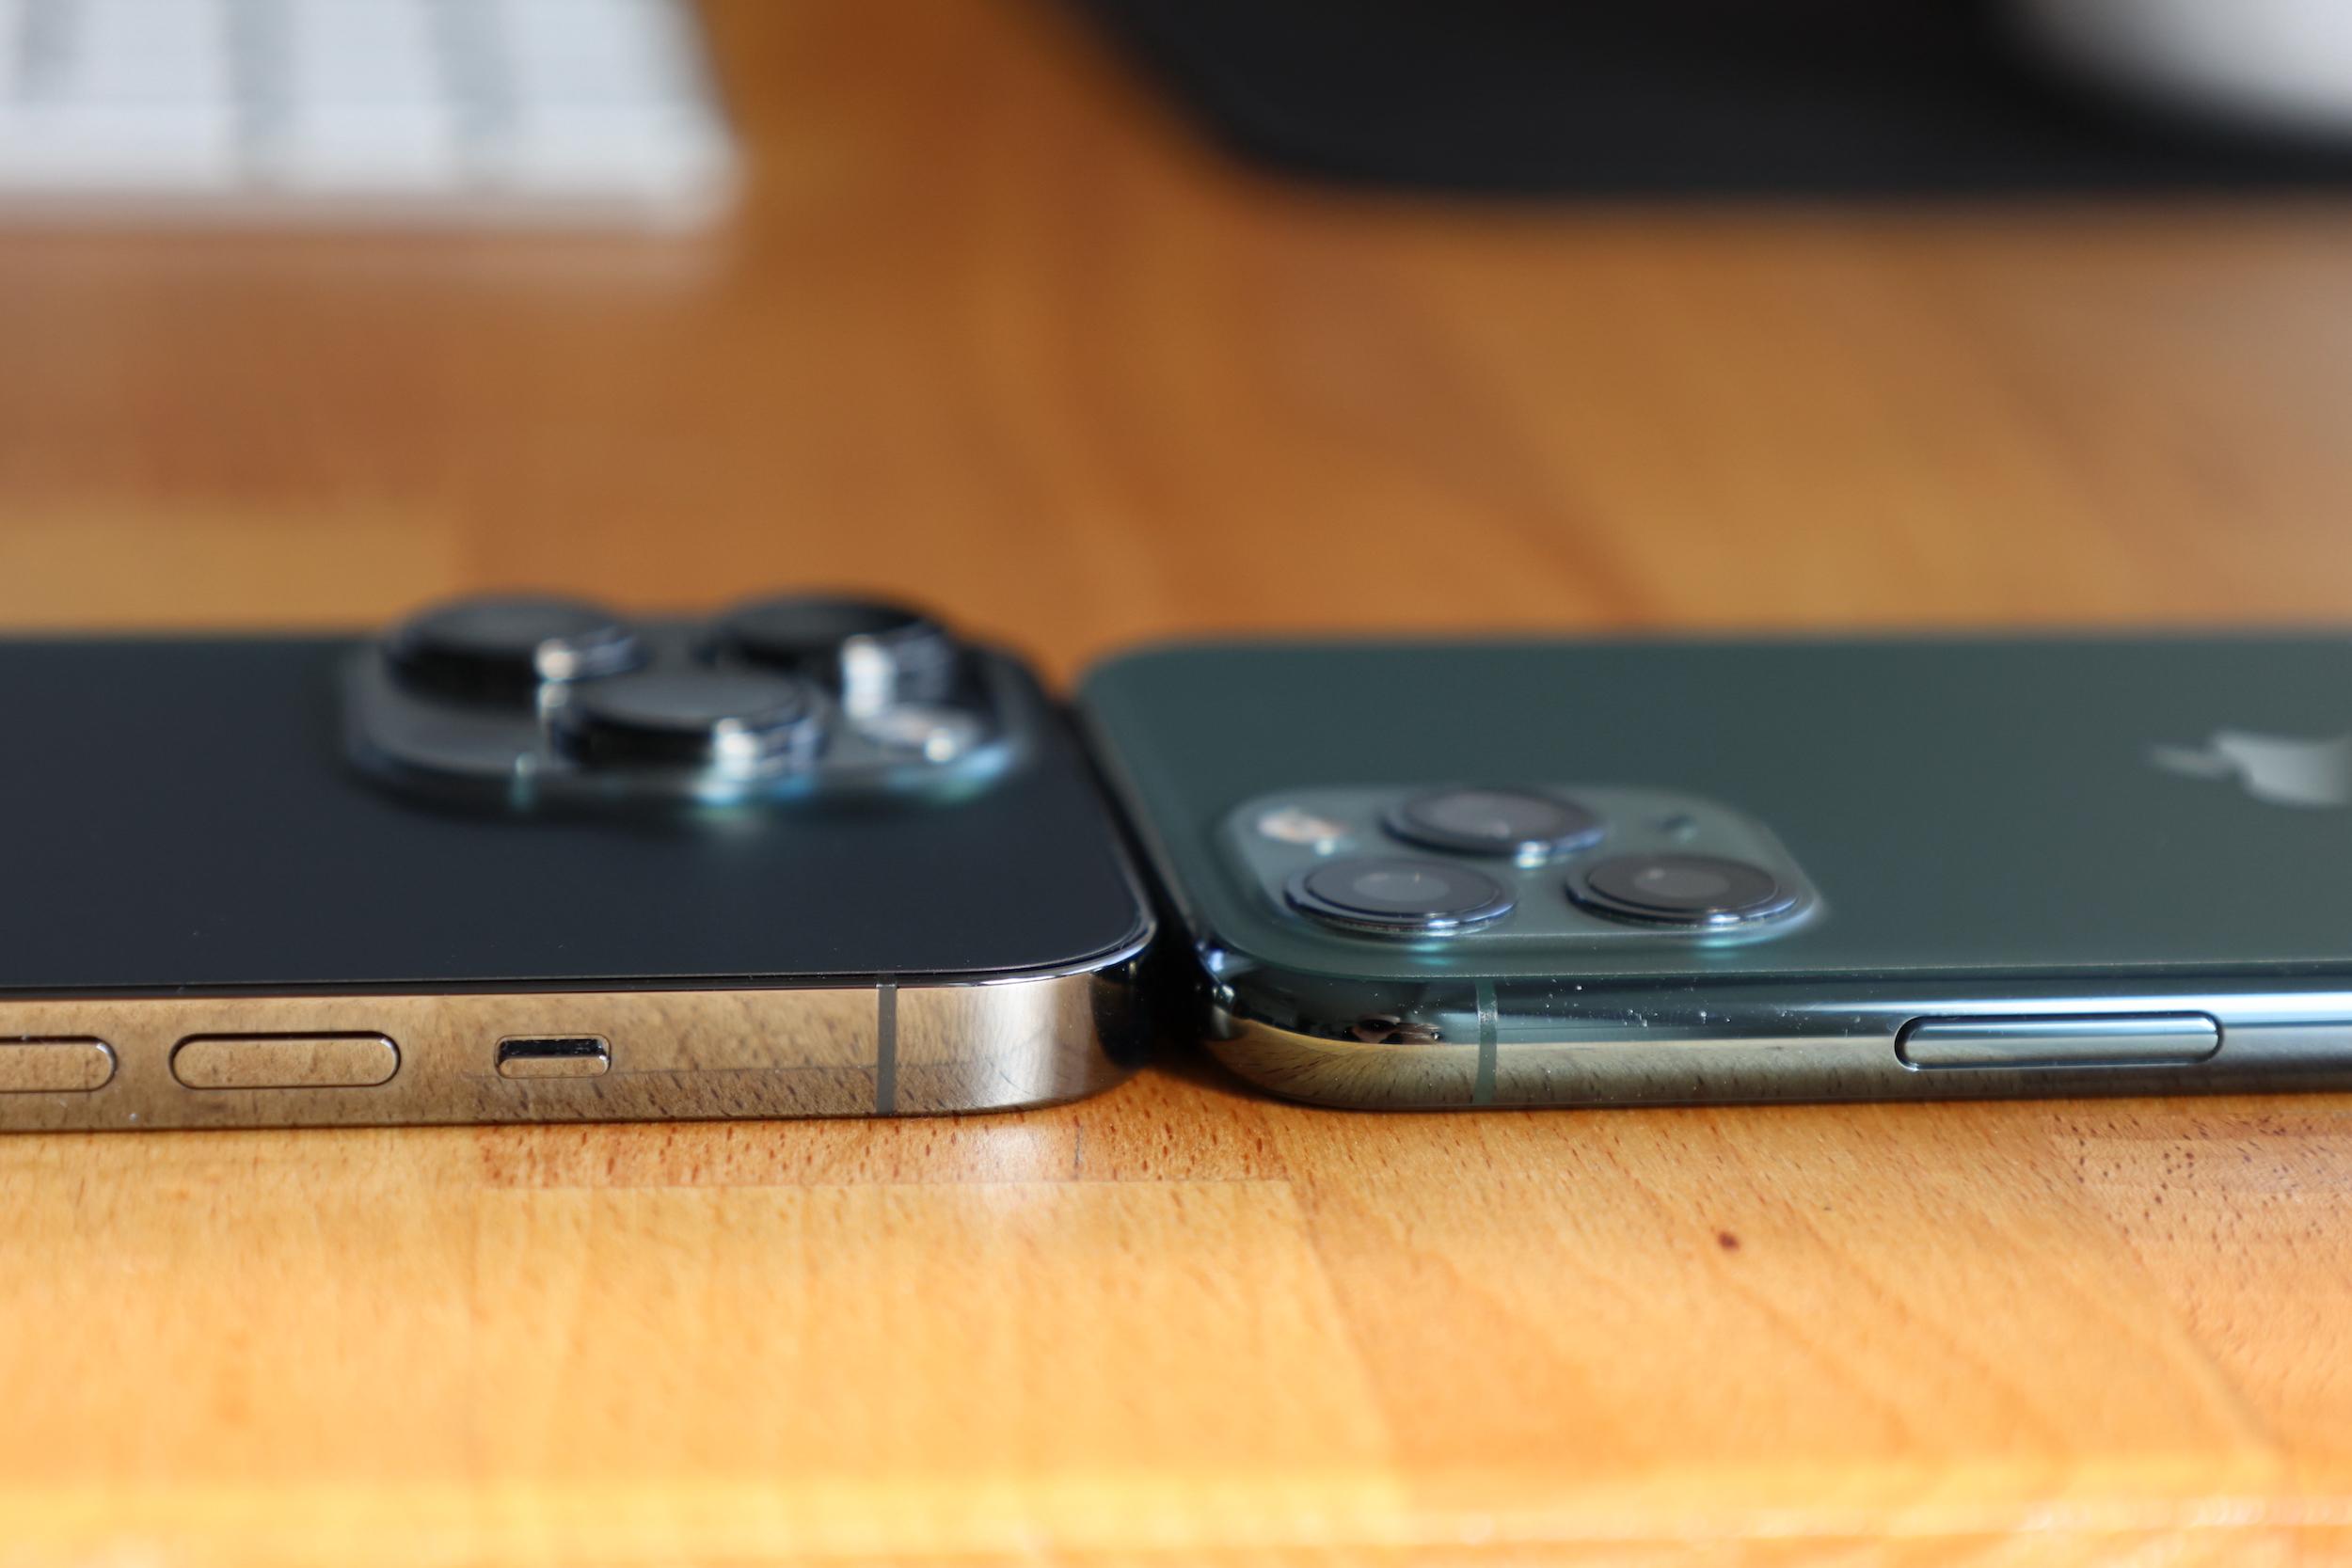 iphone 13 pro i iphone 11 pro